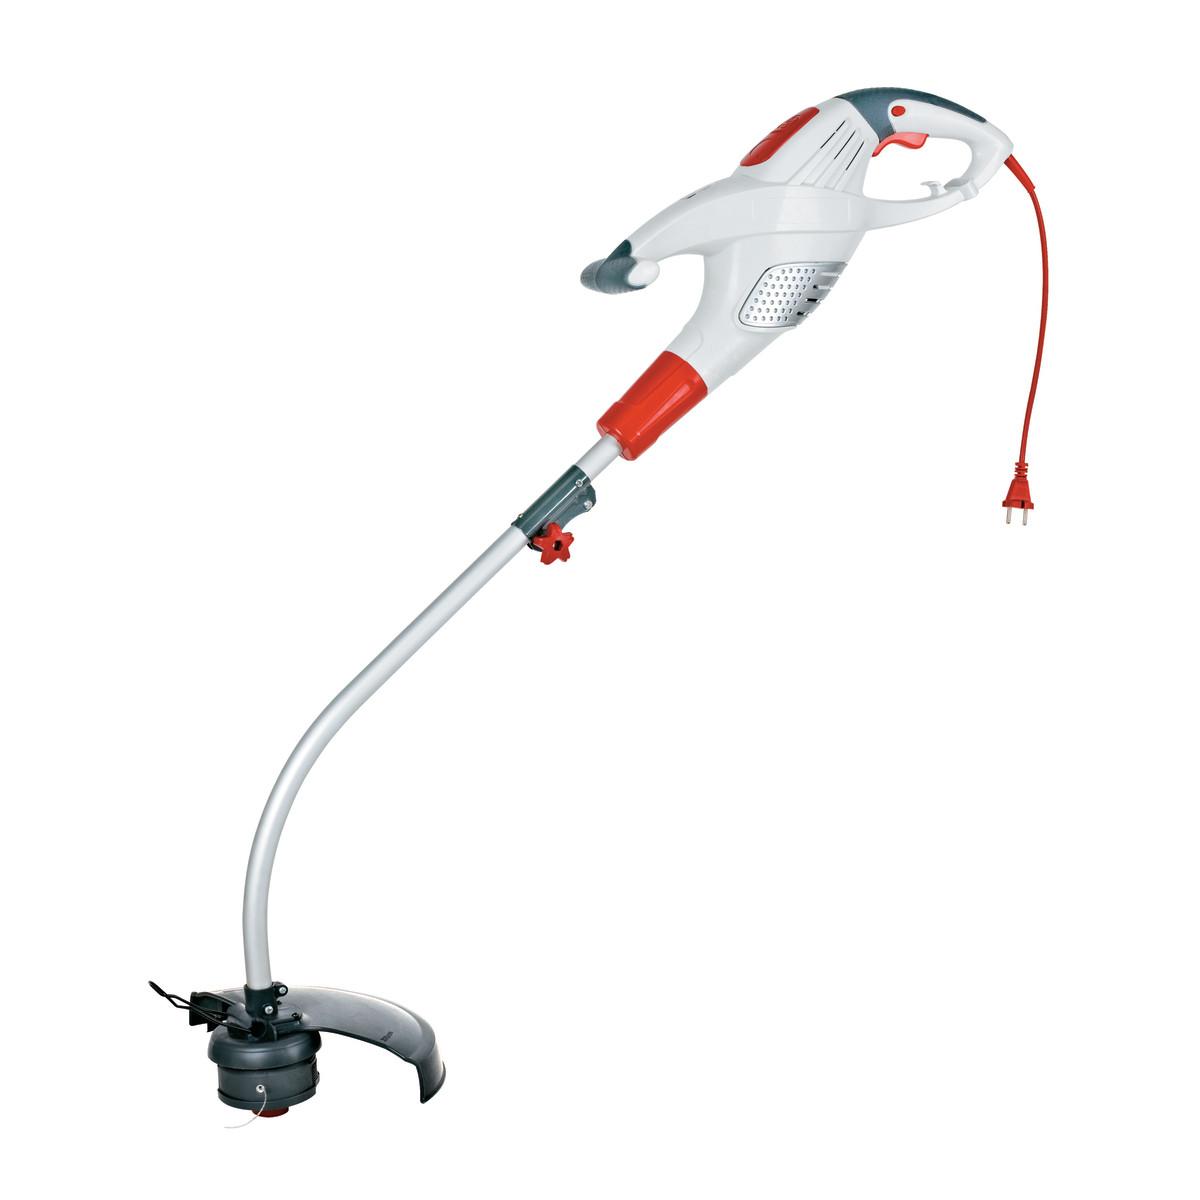 Resistenza elettrica 800 1750 w prezzo e offerte sottocosto for Scaldasalviette elettrico leroy merlin